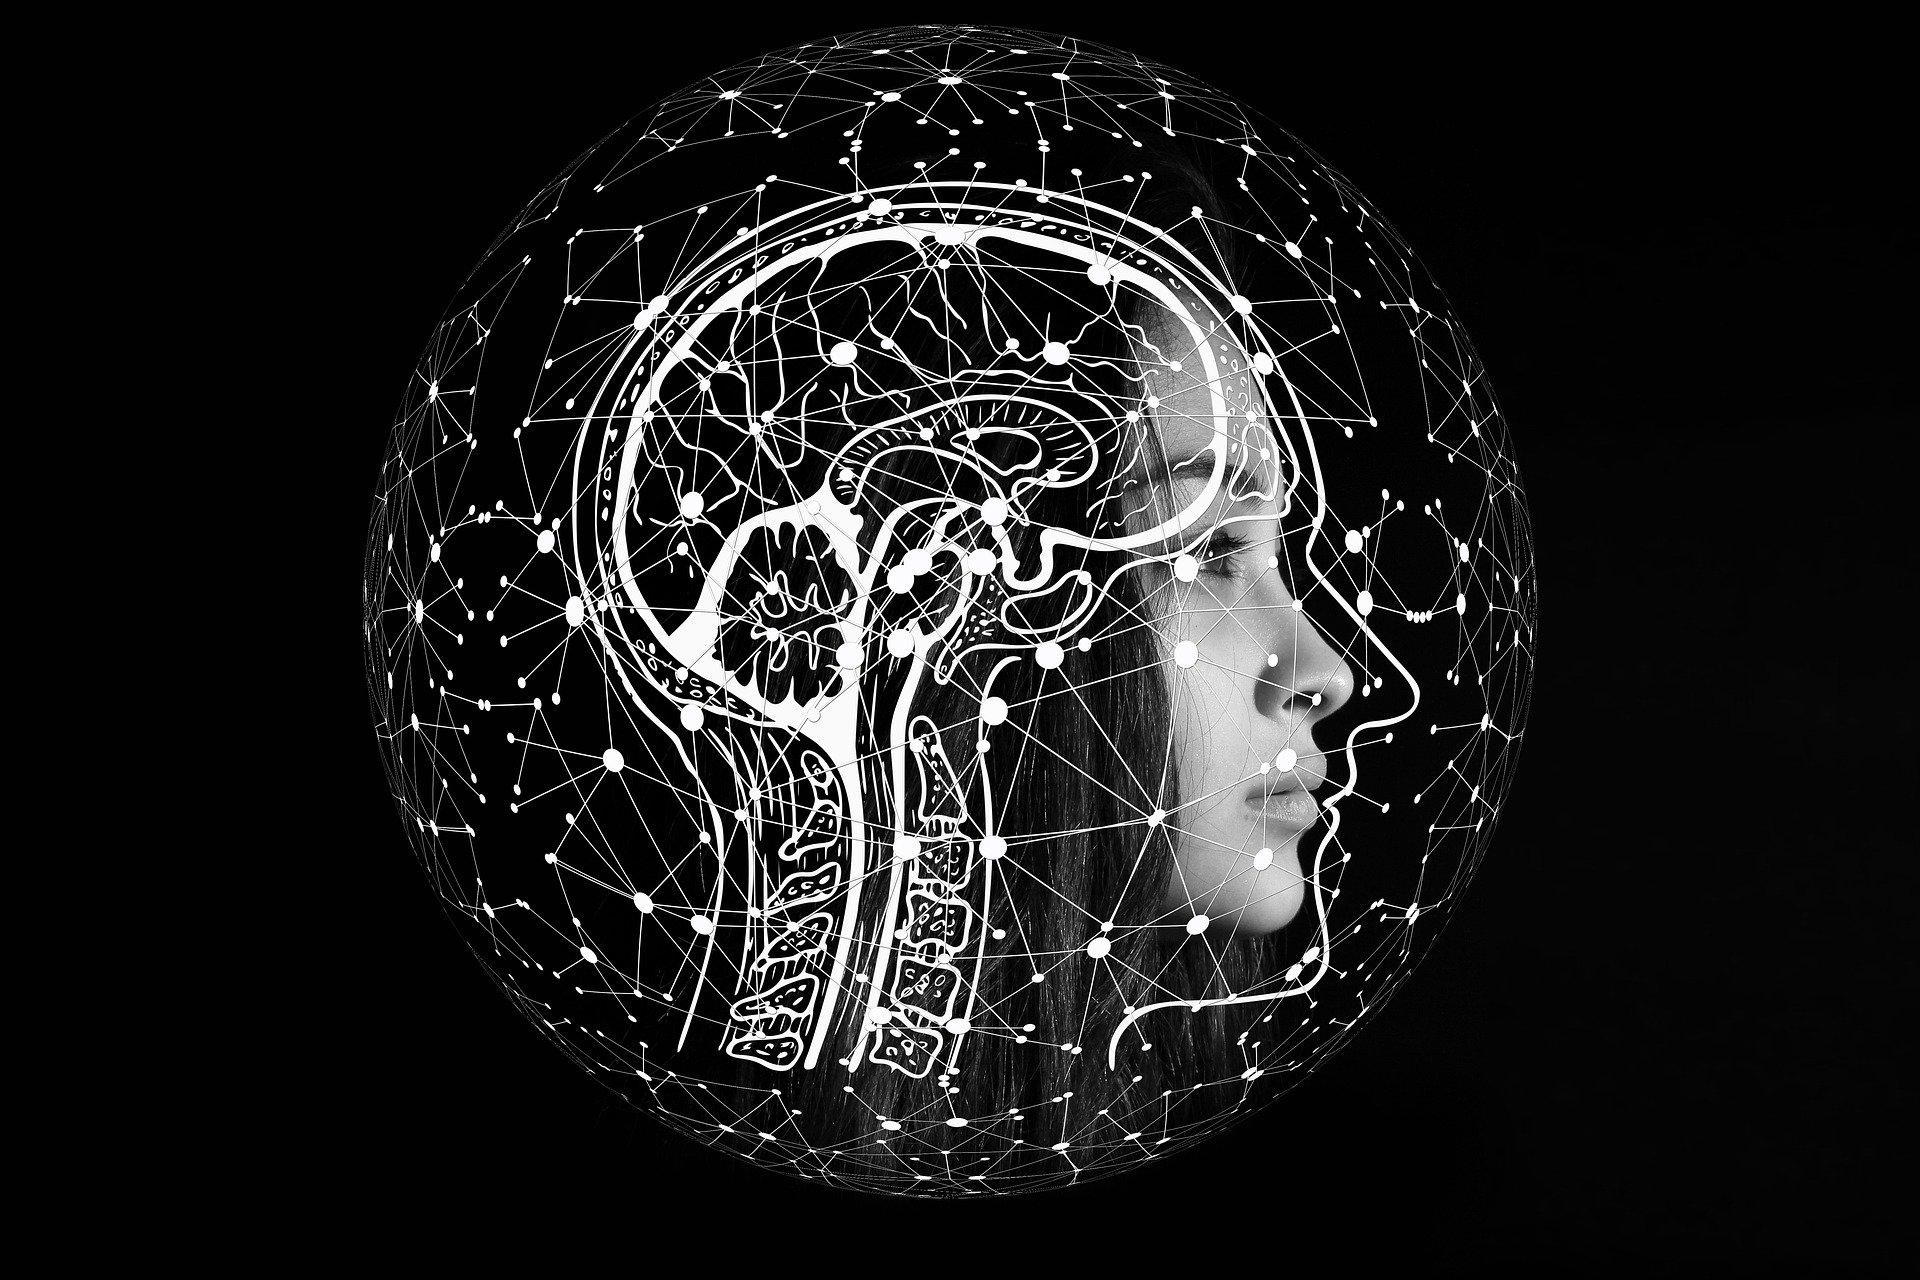 Lernen Schlaf intelligence - Kinder müssen mehr spielen: WHO-Leitlinien zu körperlicher Bewegung, Bewegungsmangel und Schlafstörungen für Kinder unter 5 Jahren